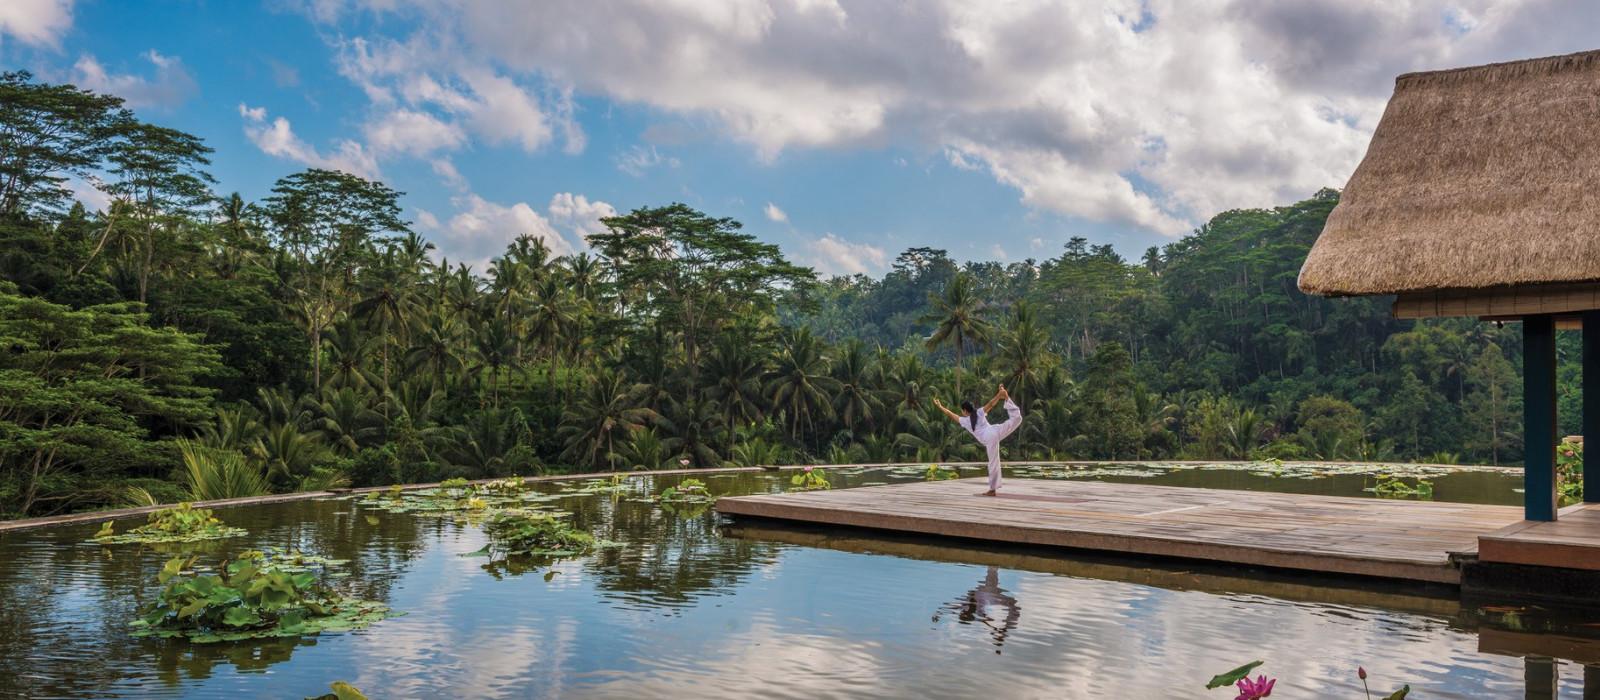 Außenanlage des Four Seasons Resort Bali at Sayan Hotels in Ubud, Indonesien